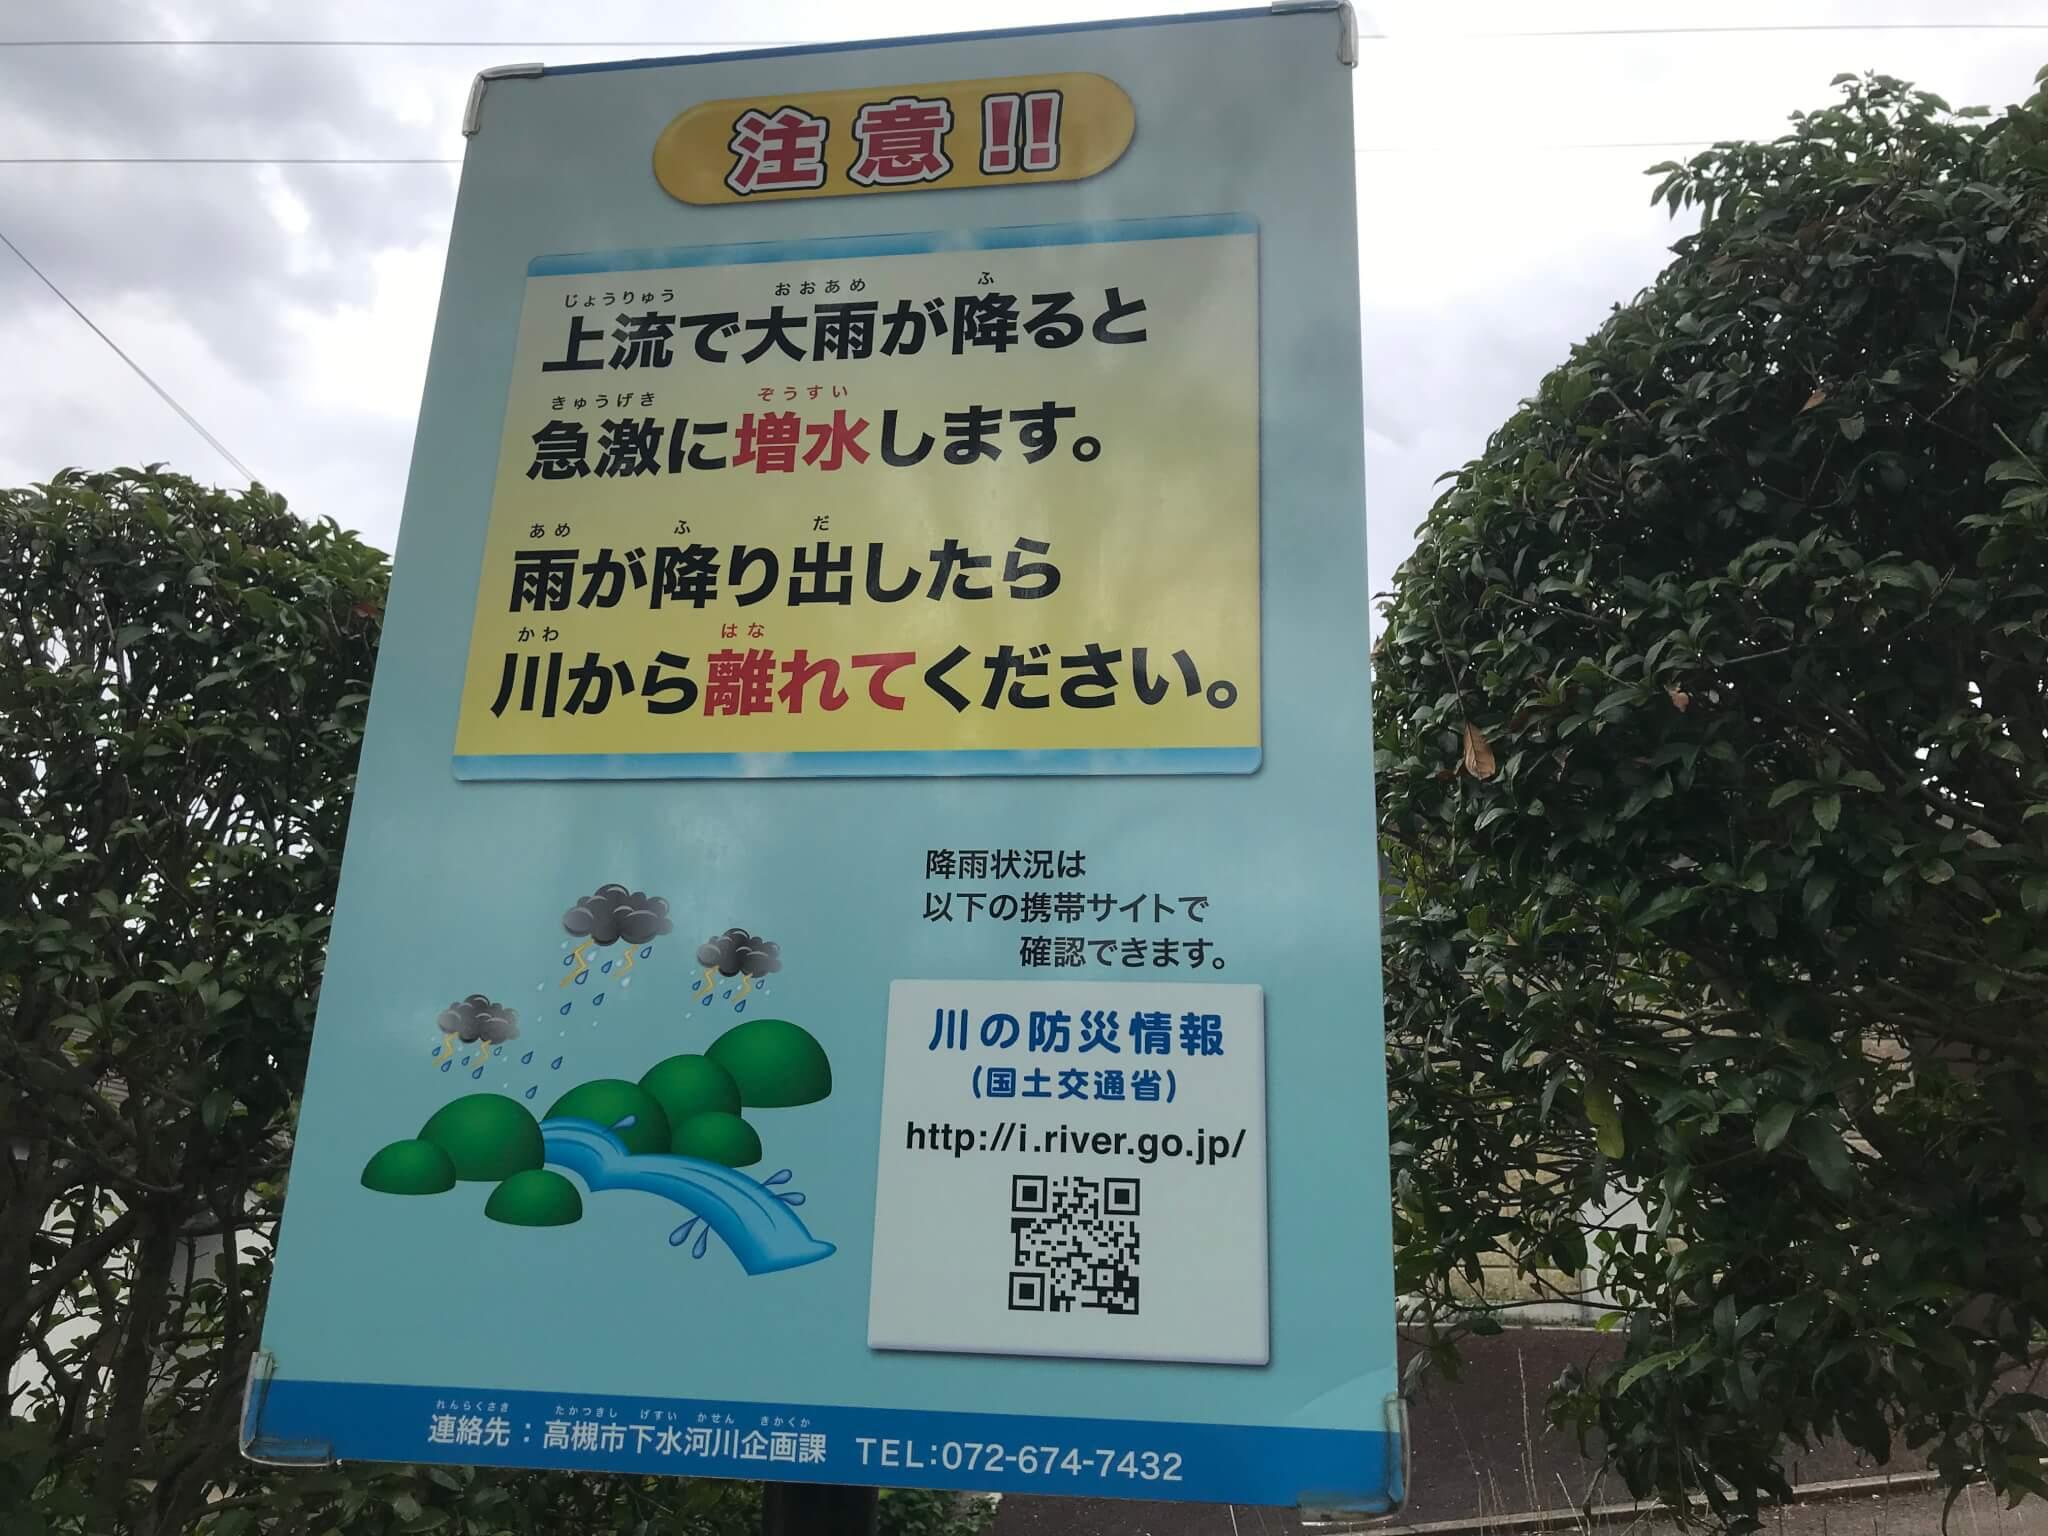 上流で大雨が降ると急激に増水します。 雨が降り出したら川から離れてください。 川の注意看板